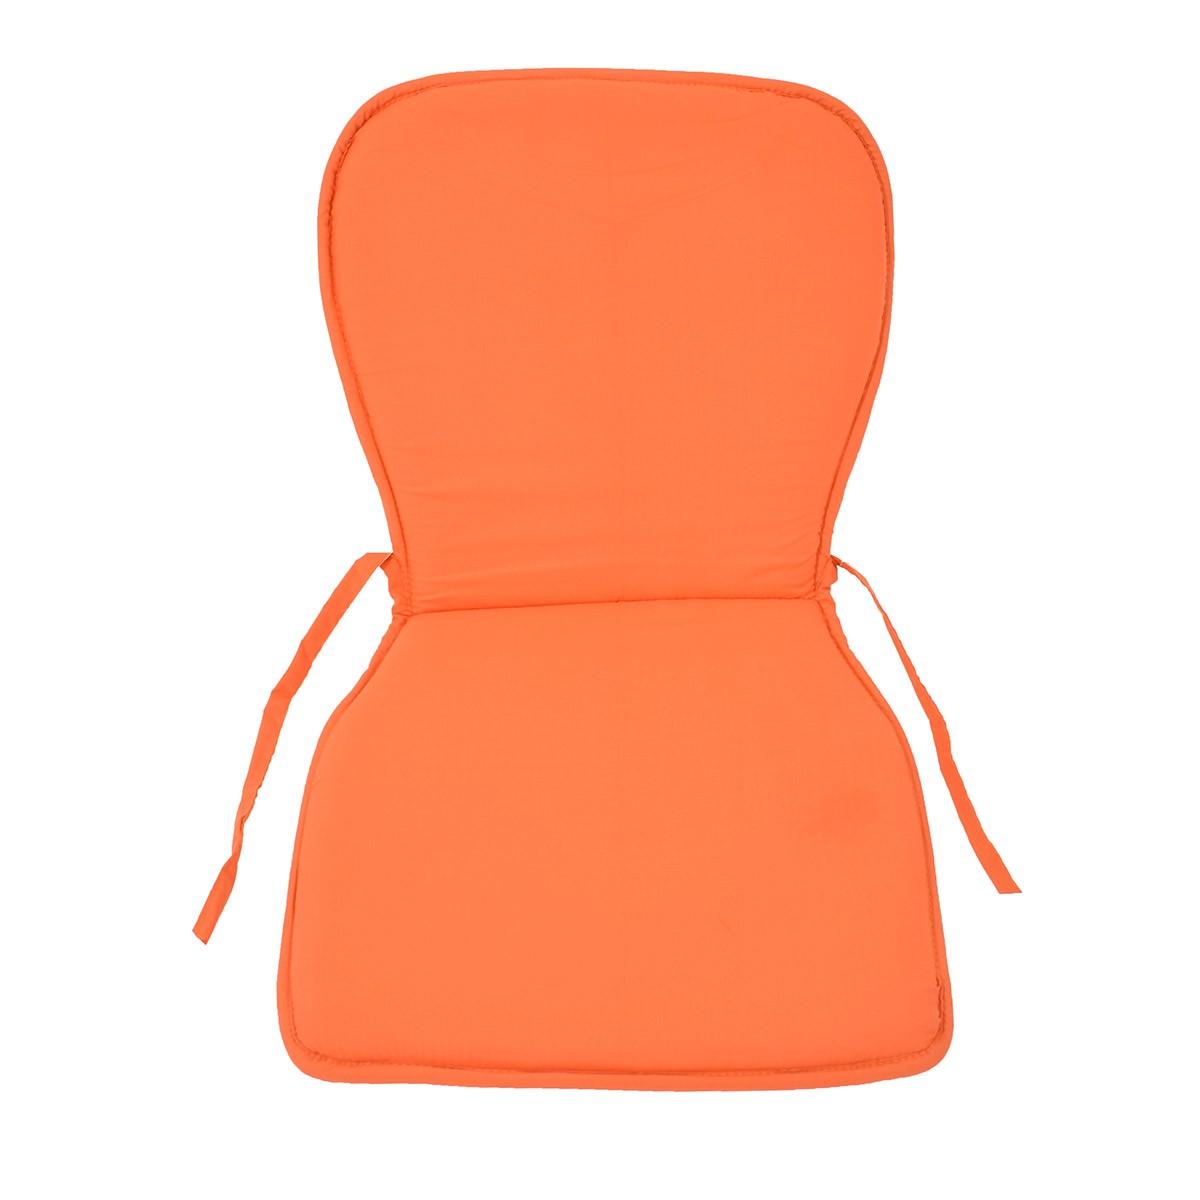 Μαξιλάρι Καρέκλας Κιθάρα Fratoni Solid Orange home   κουζίνα   τραπεζαρία   μαξιλάρια καρέκλας